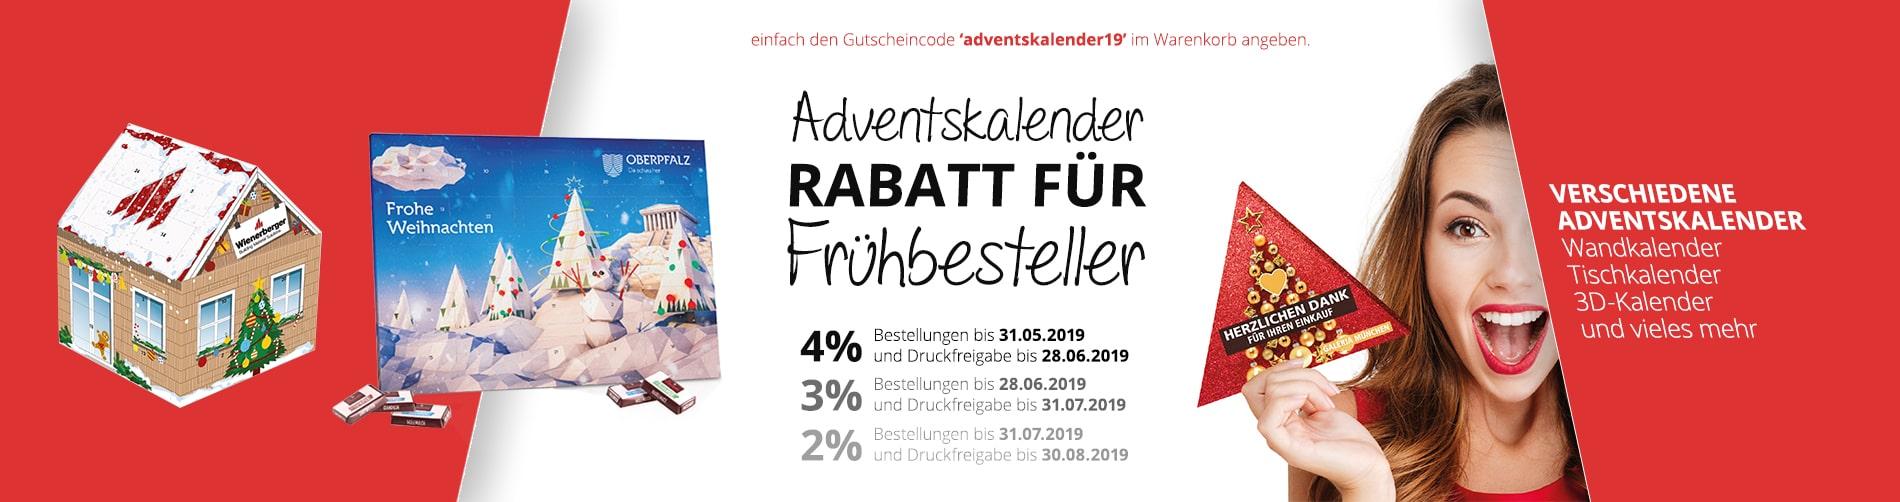 Bedruckte Werbeartikel von BizTune - bedruckte Adventskalender